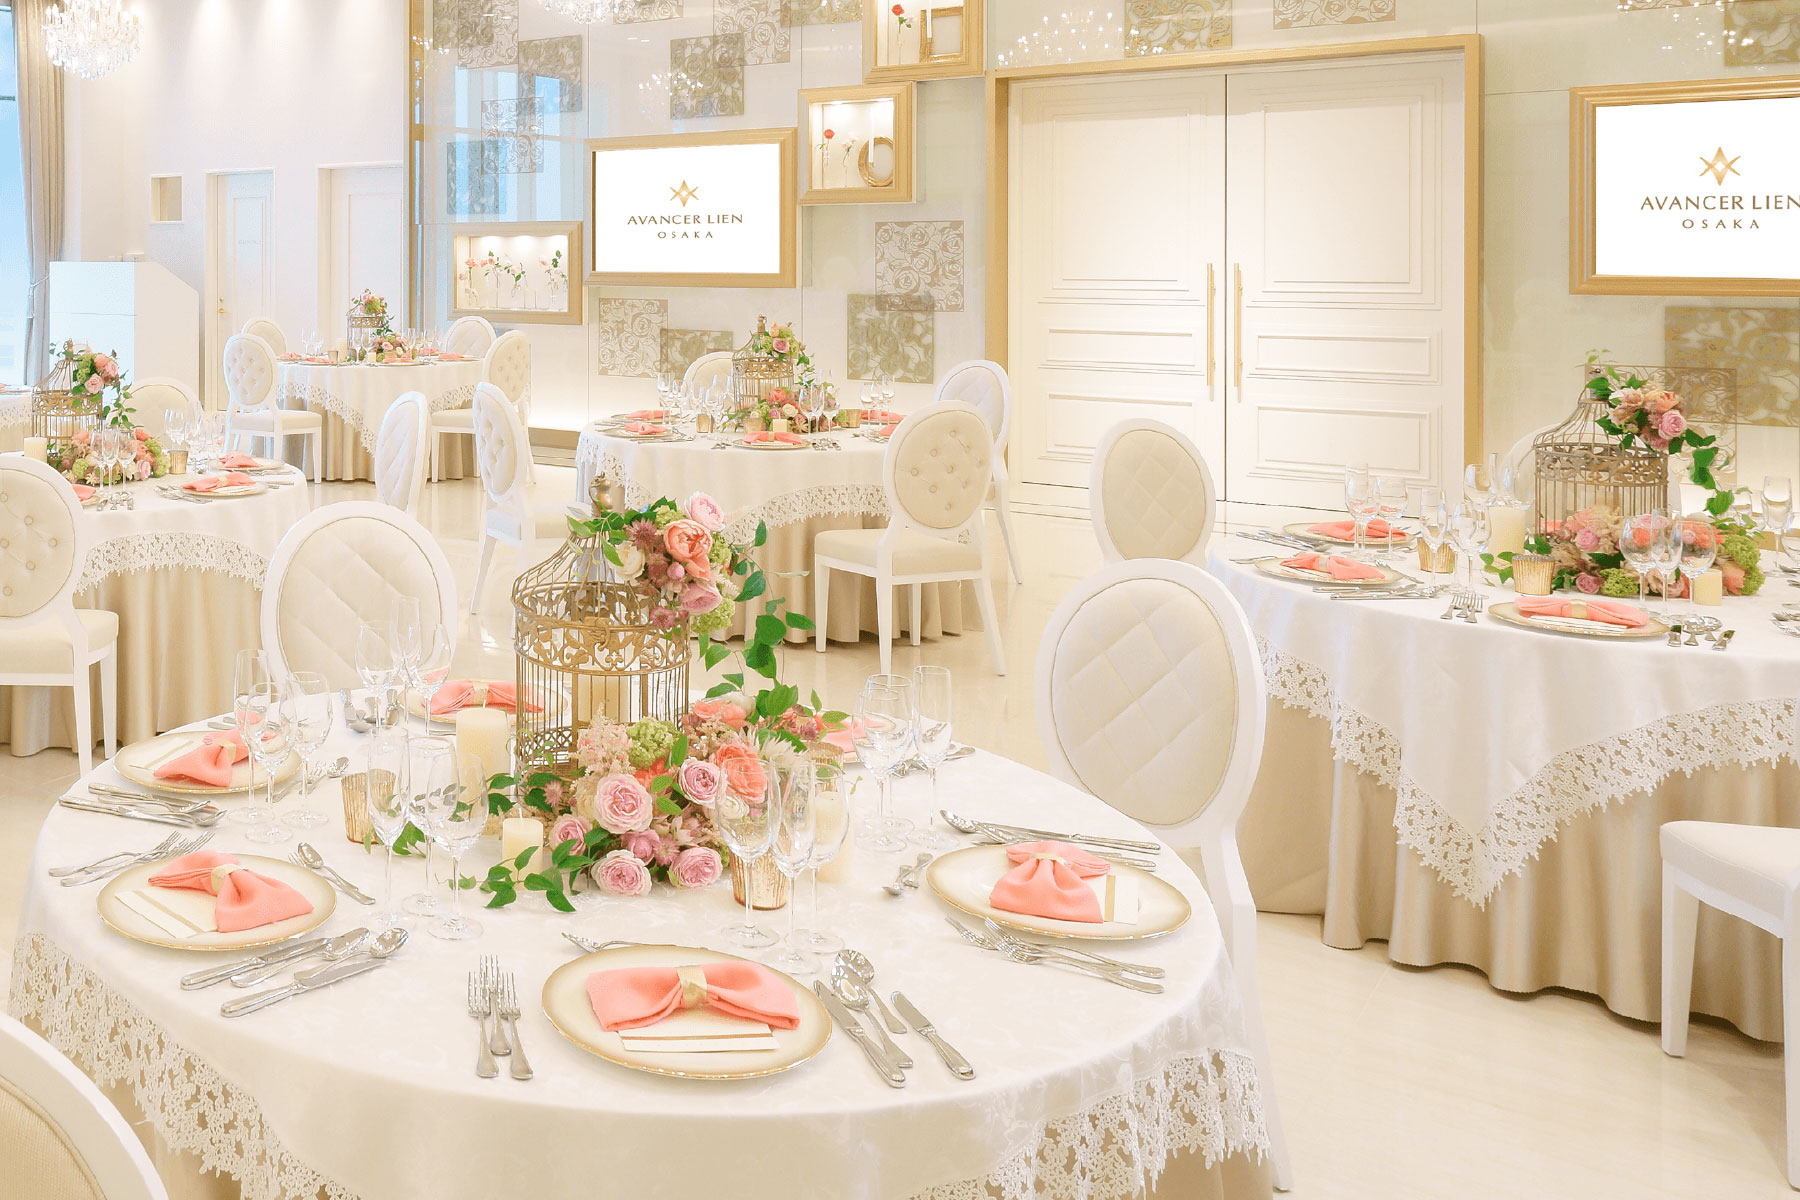 バラモチーフとアイボリーゴールドがベースカラーの宝石箱のような披露宴会場